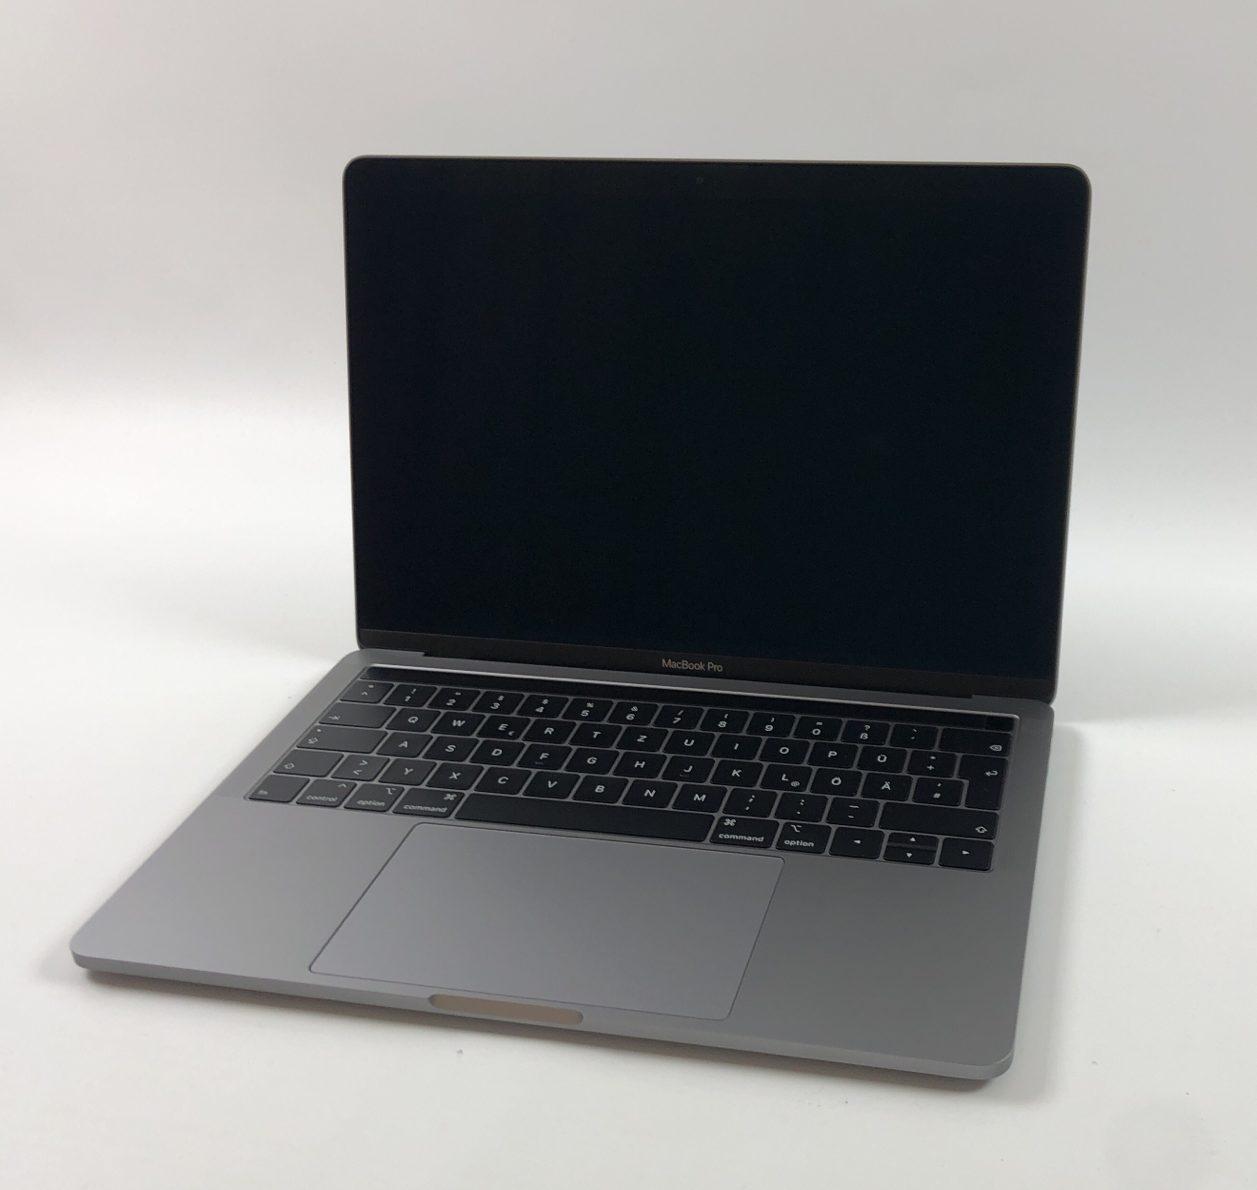 """MacBook Pro 13"""" 4TBT Mid 2019 (Intel Quad-Core i5 2.4 GHz 8 GB RAM 256 GB SSD), Space Gray, Intel Quad-Core i5 2.4 GHz, 8 GB RAM, 256 GB SSD, Bild 1"""